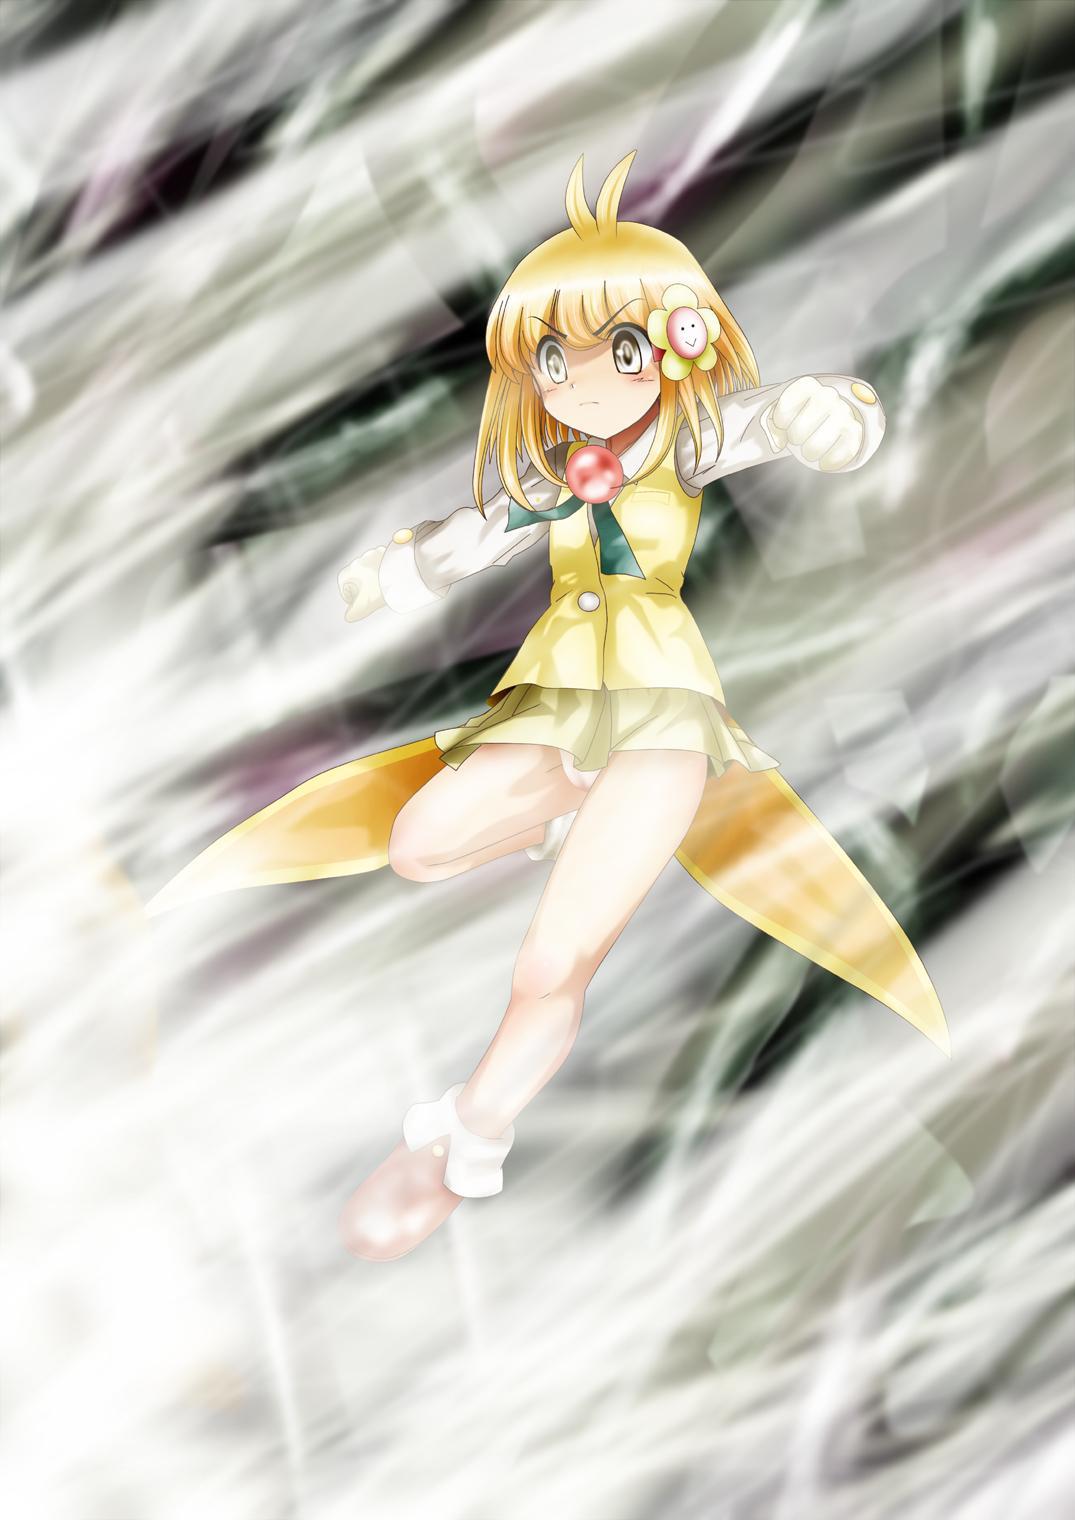 [Dende] Fushigi Sekai -Mystery World- no Nona 17 ~ Taiketsu Fujimi no Dai Inma Dakurasu, Kanzen Sekka no Kyoufu 119